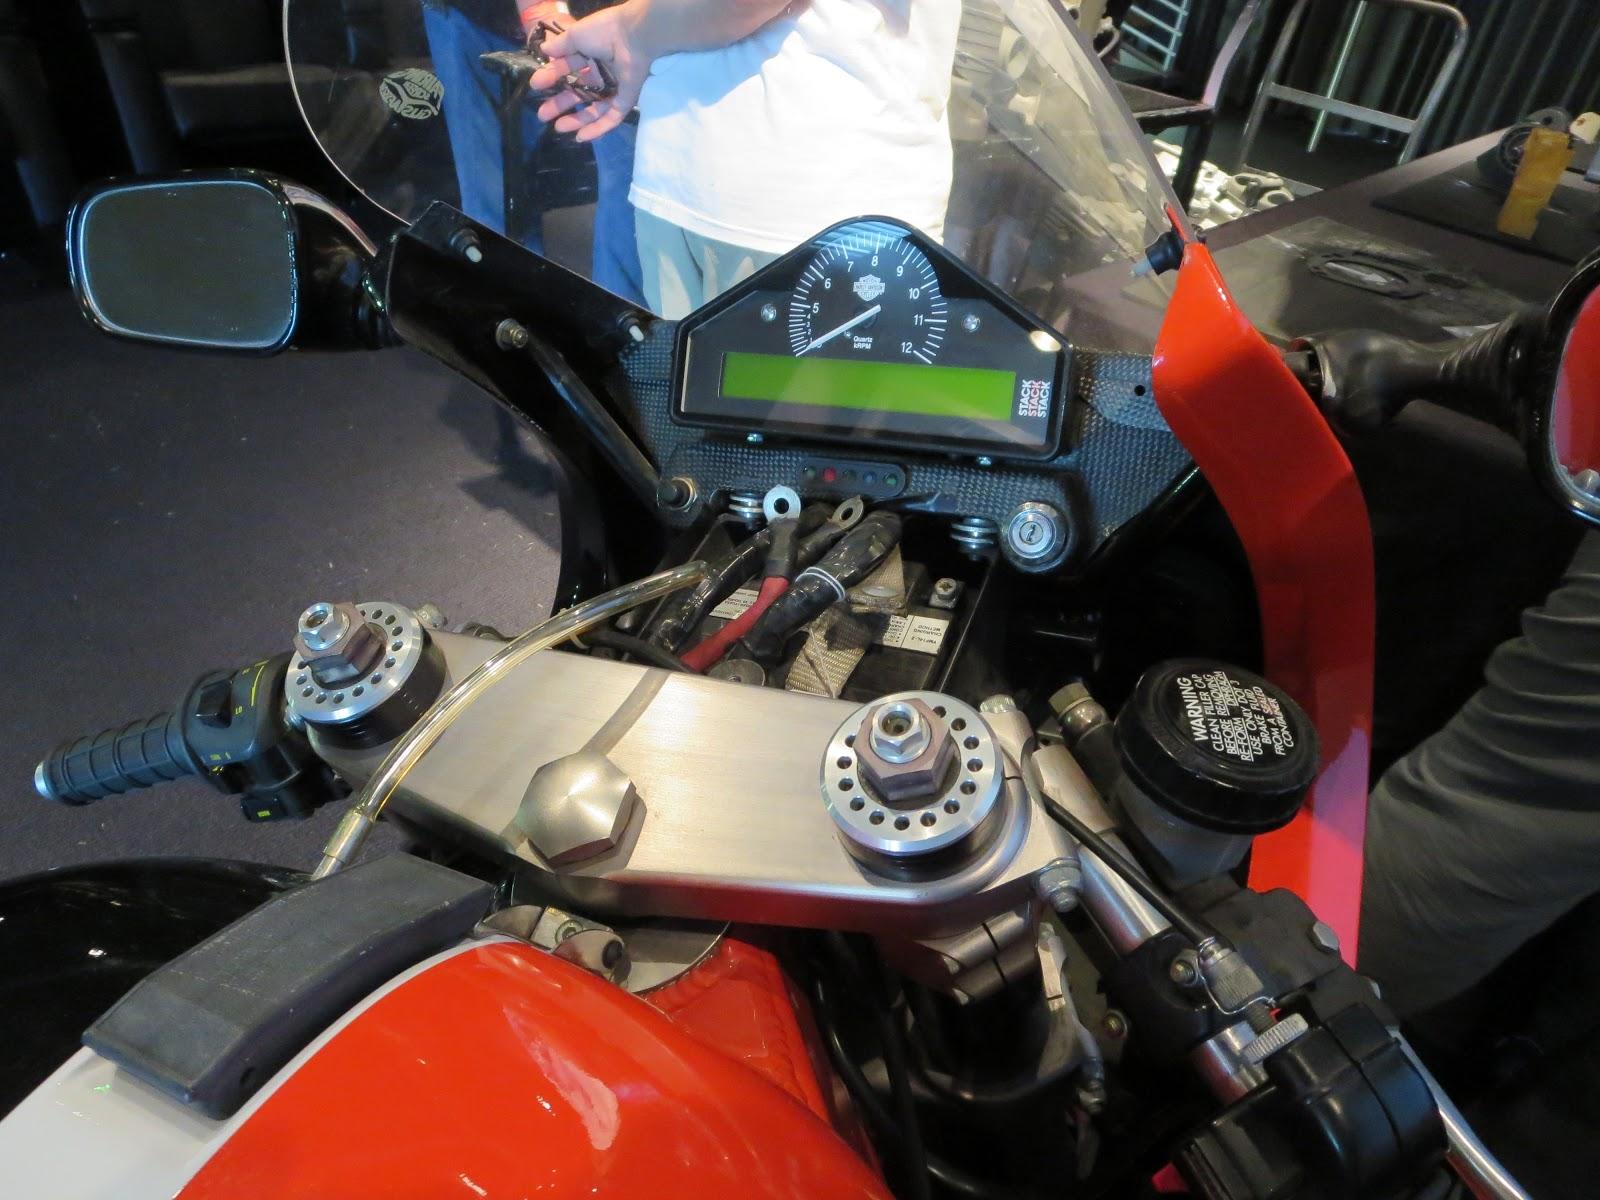 Oddbike Harley Davidson Vr1000 Gods Own Voice Fuel Pressure Diagram Cockpit